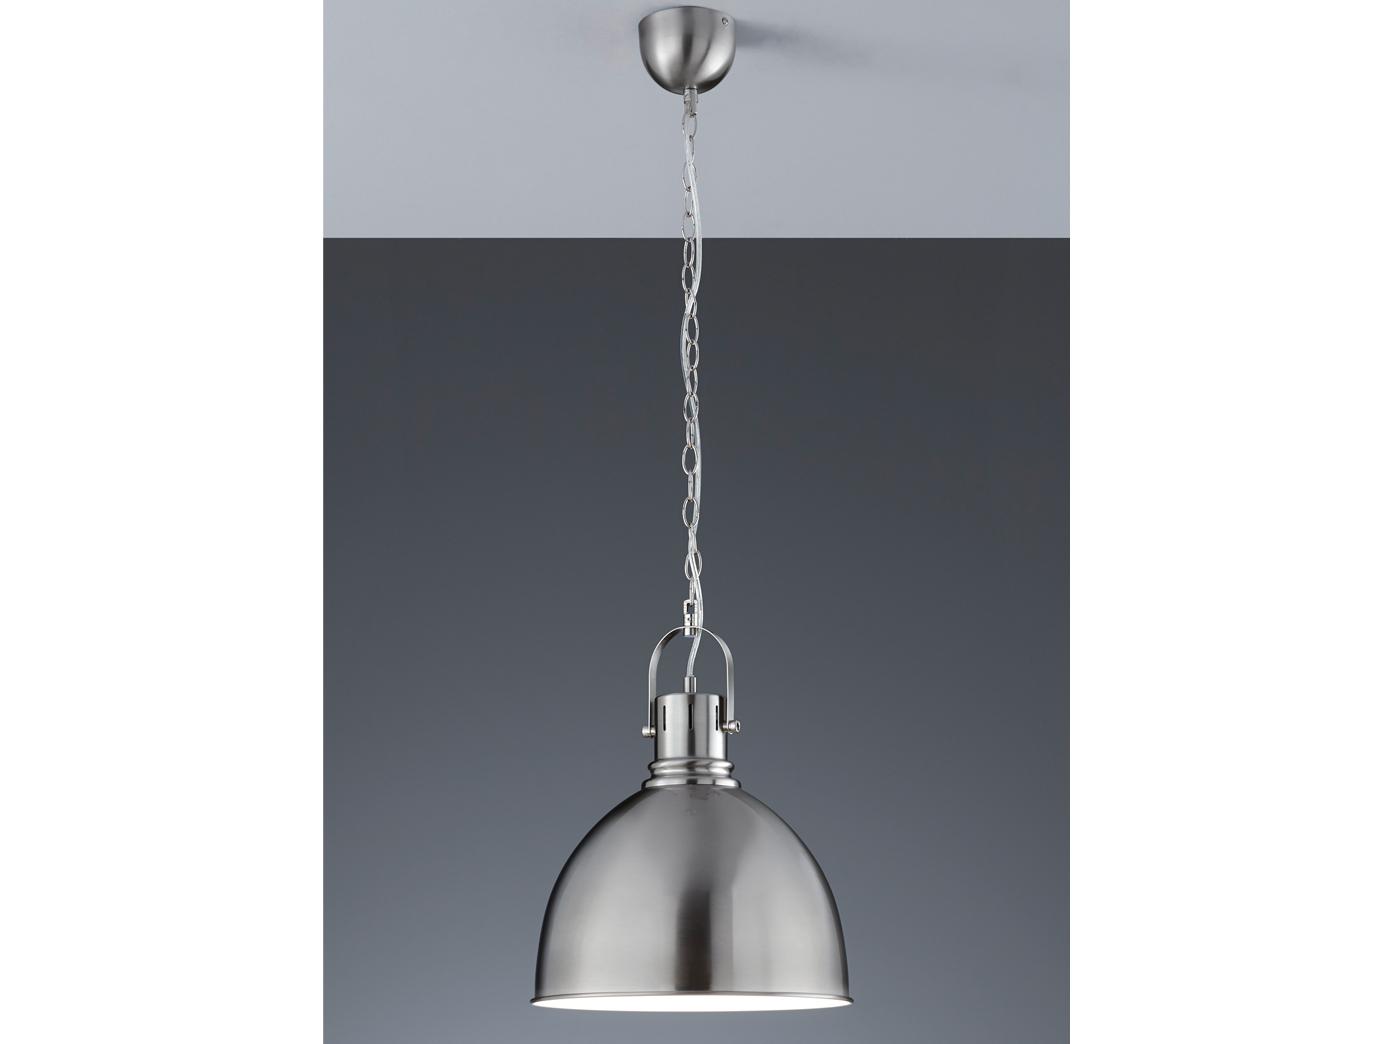 Lampen Modern Design : Hängelampe modern design nickel matt Ø cm trio leuchten